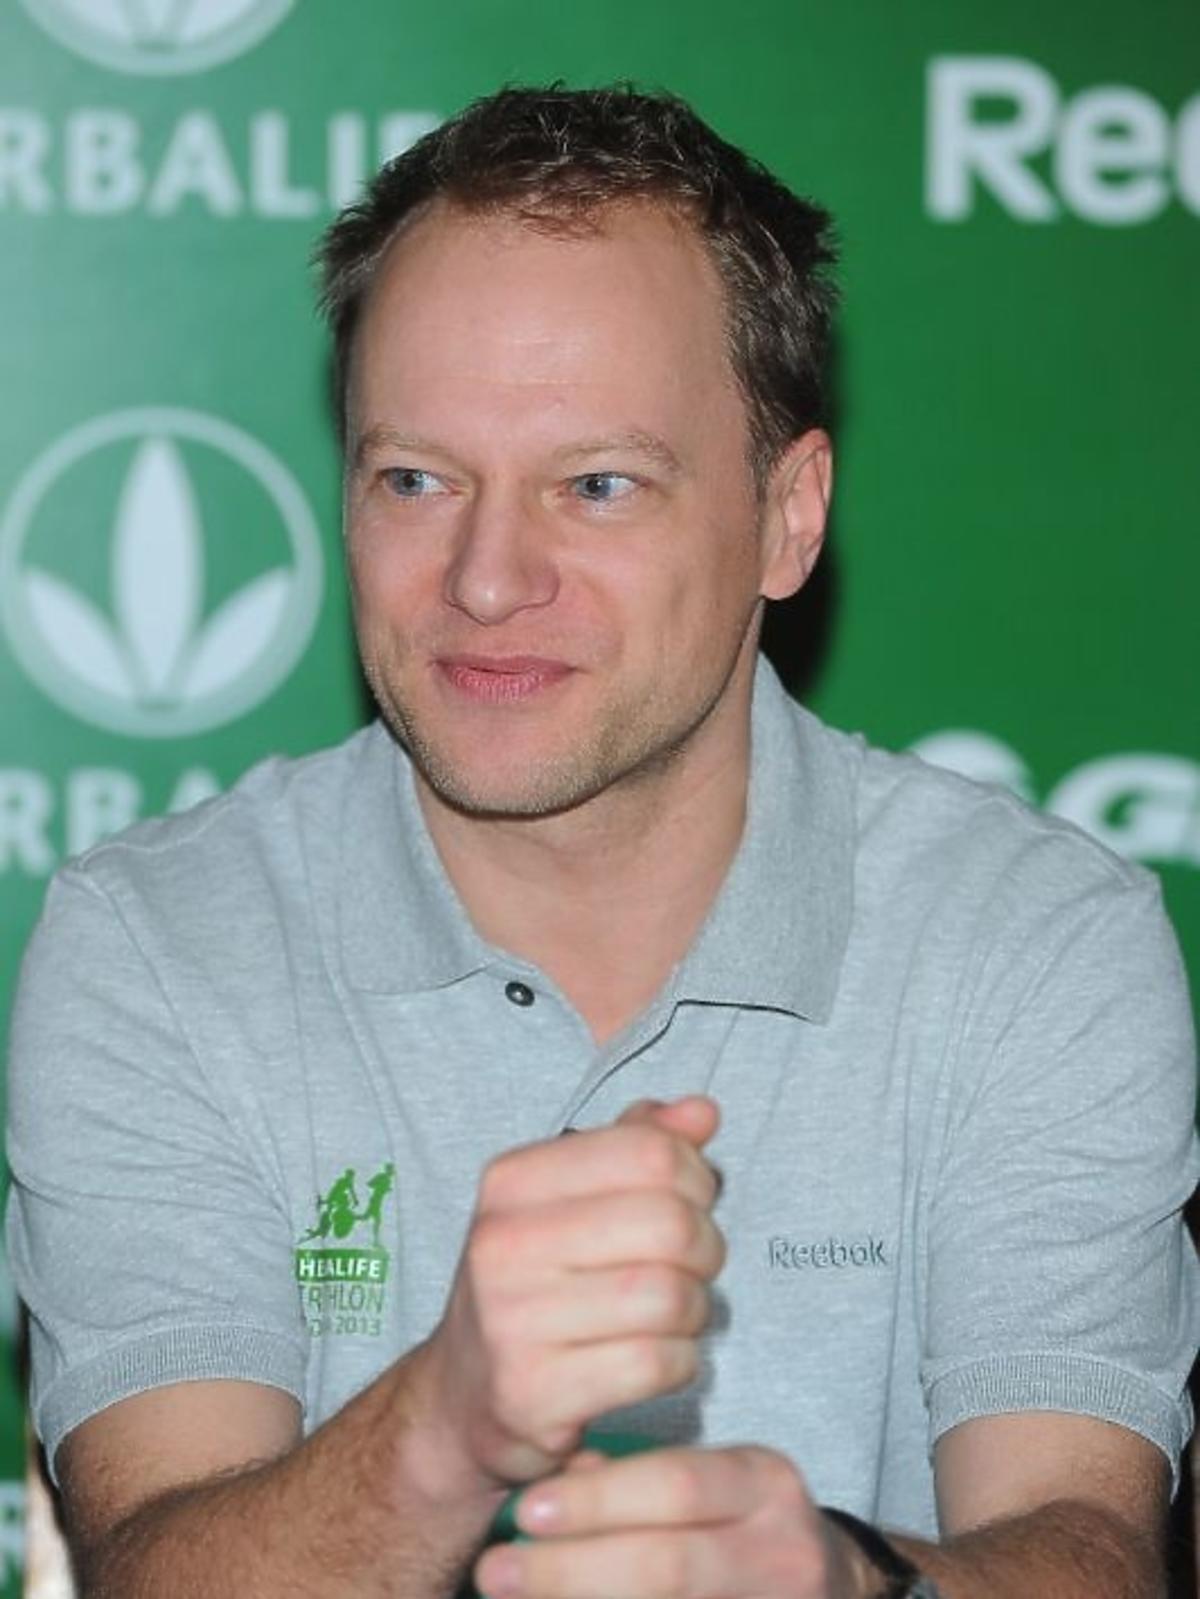 Maciej Sthur na konferencji Herbalife Triathlon 2013